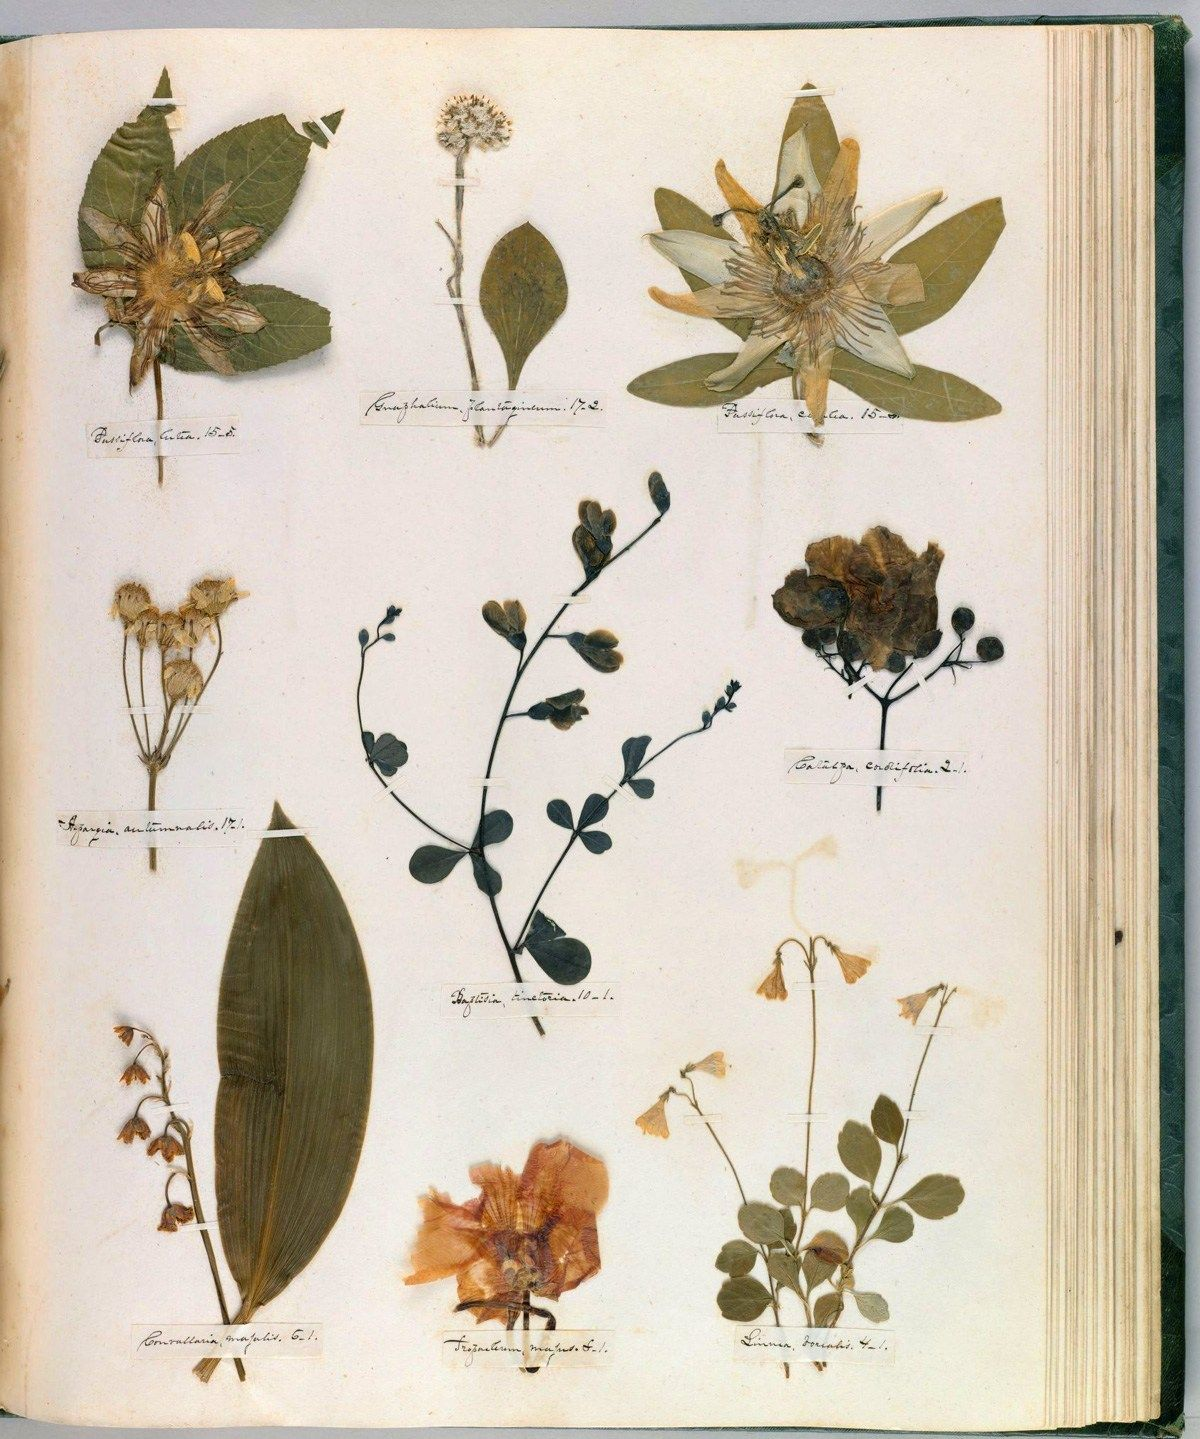 названия растений с фотографиями для гербария надгробных памятников мемориальных